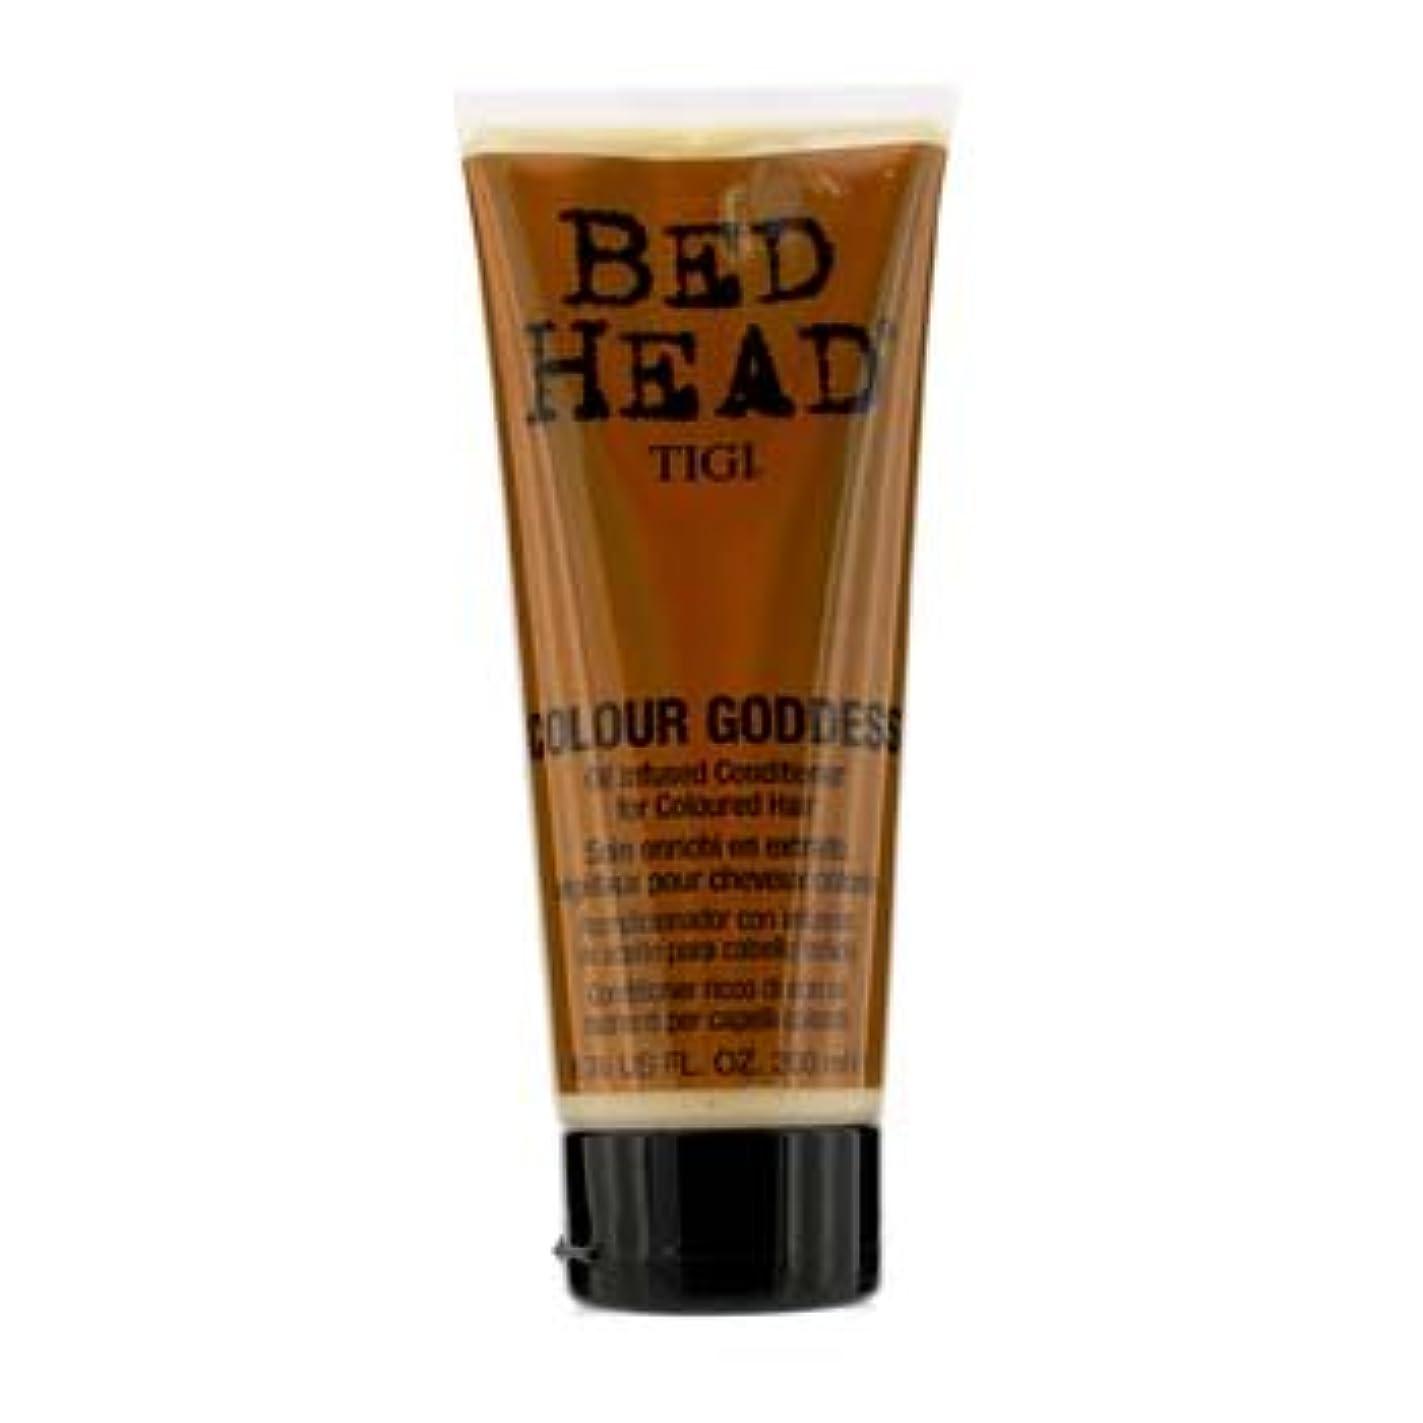 野生メディア抽象[Tigi] Bed Head Colour Goddess Oil Infused Conditioner (For Coloured Hair) 200ml/6.76oz